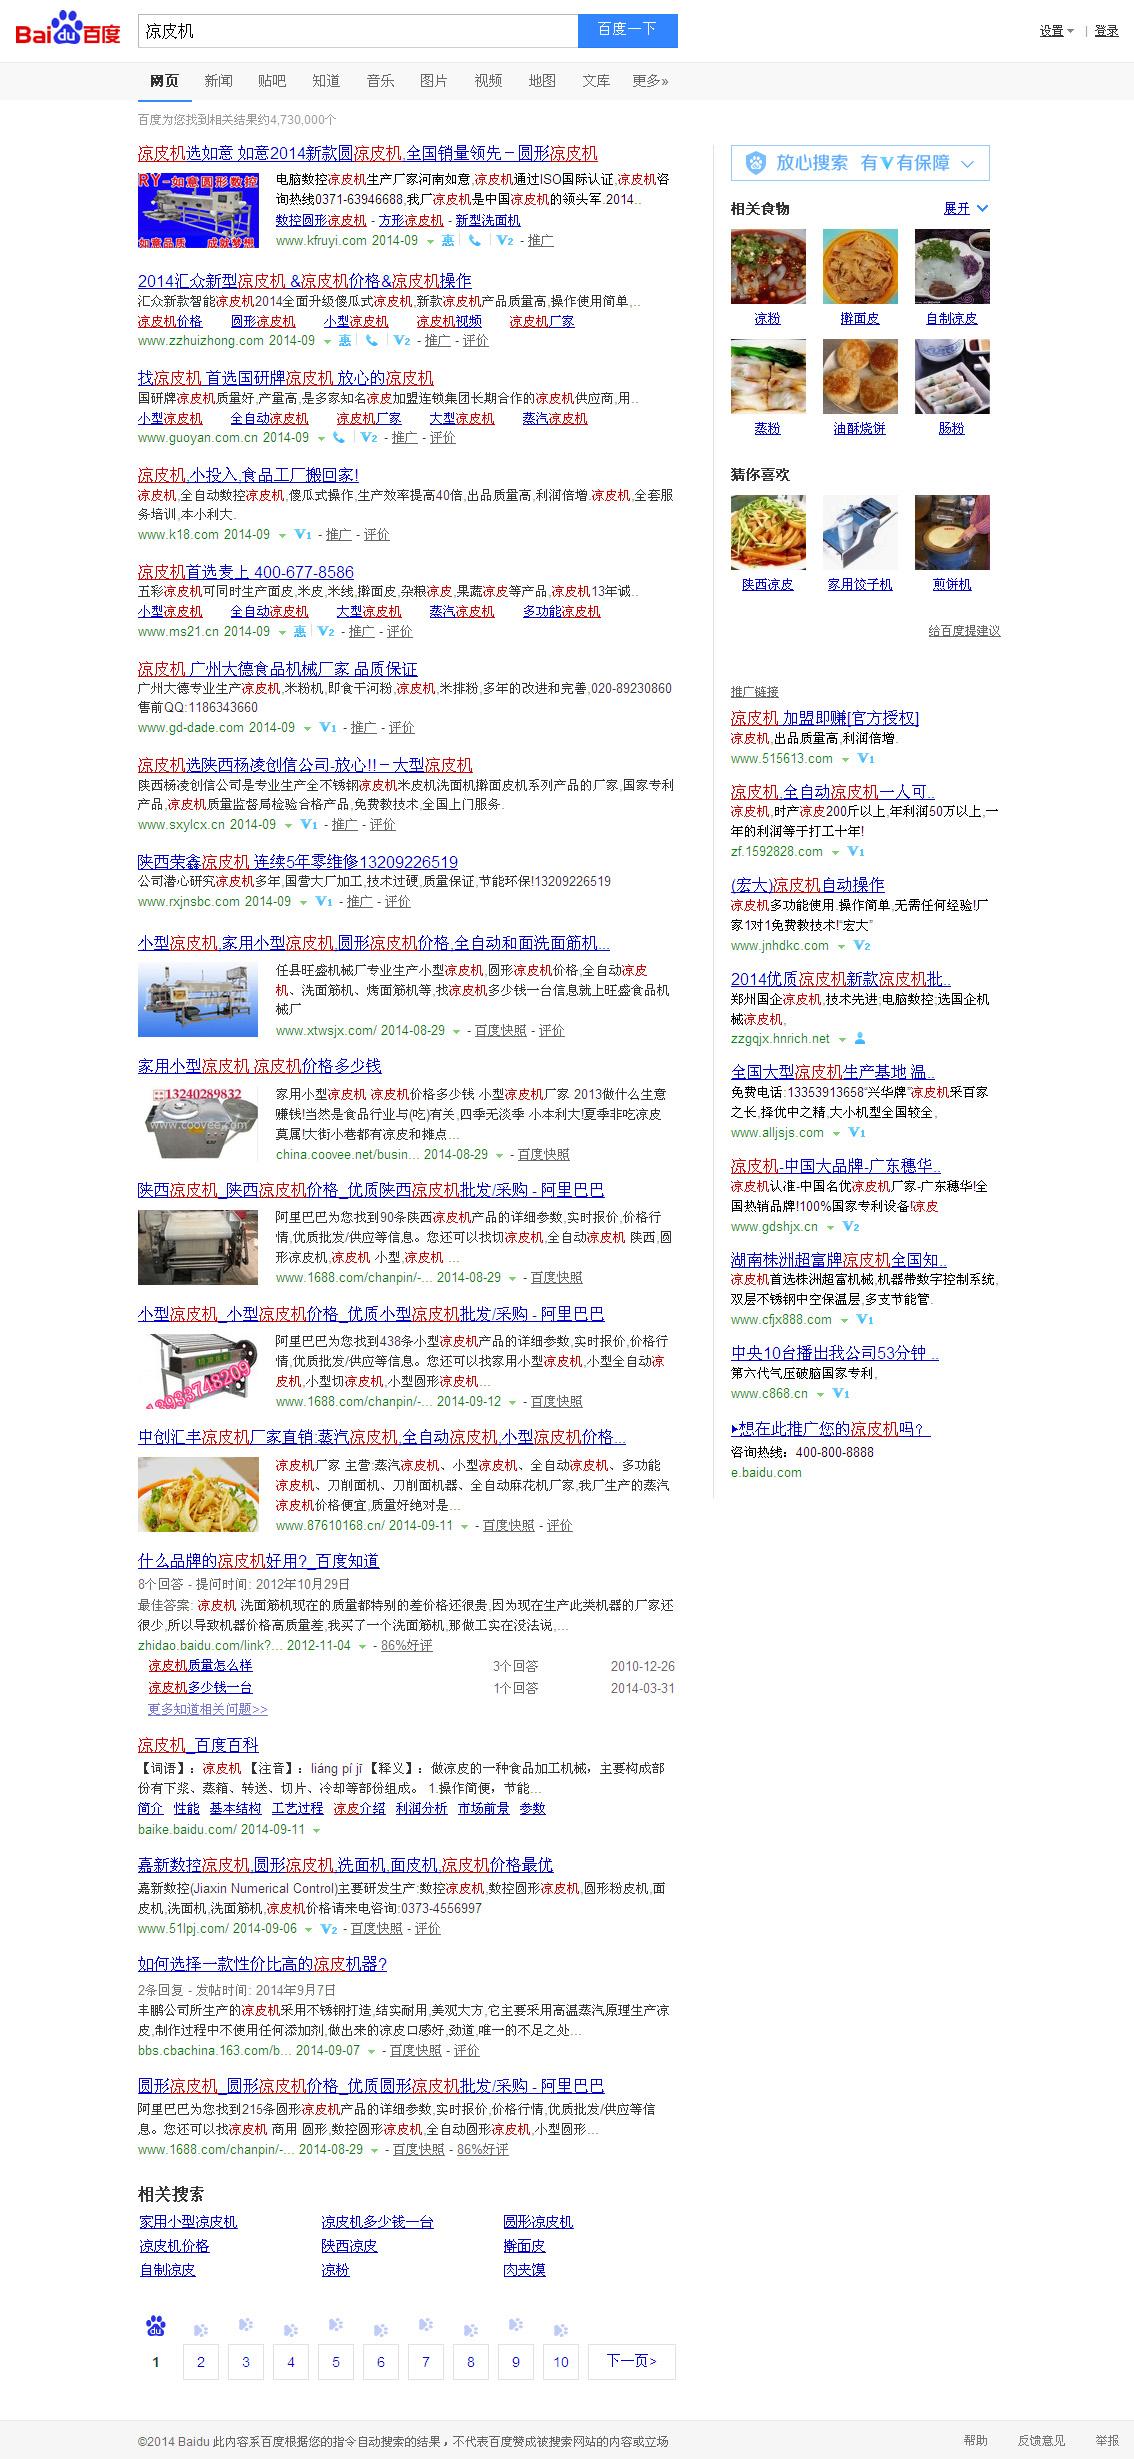 搜索引擎竞价一个比一个狠 企业网站优化该何去何从?